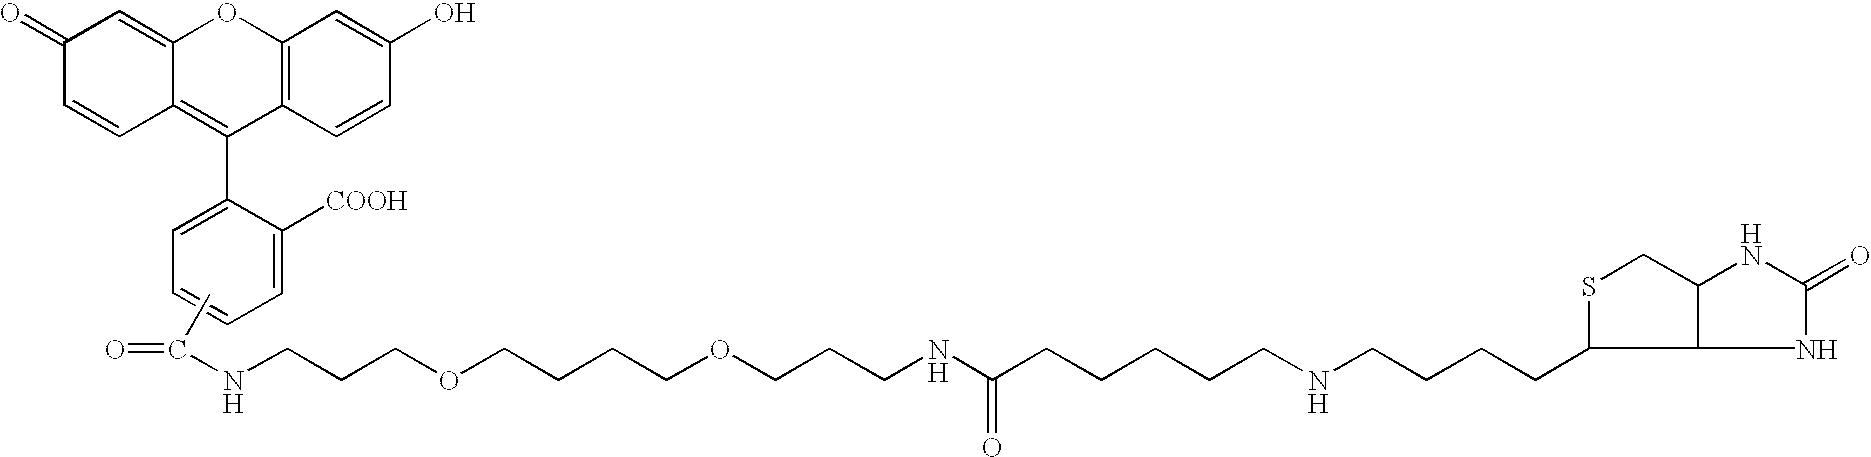 Figure US06406913-20020618-C00014